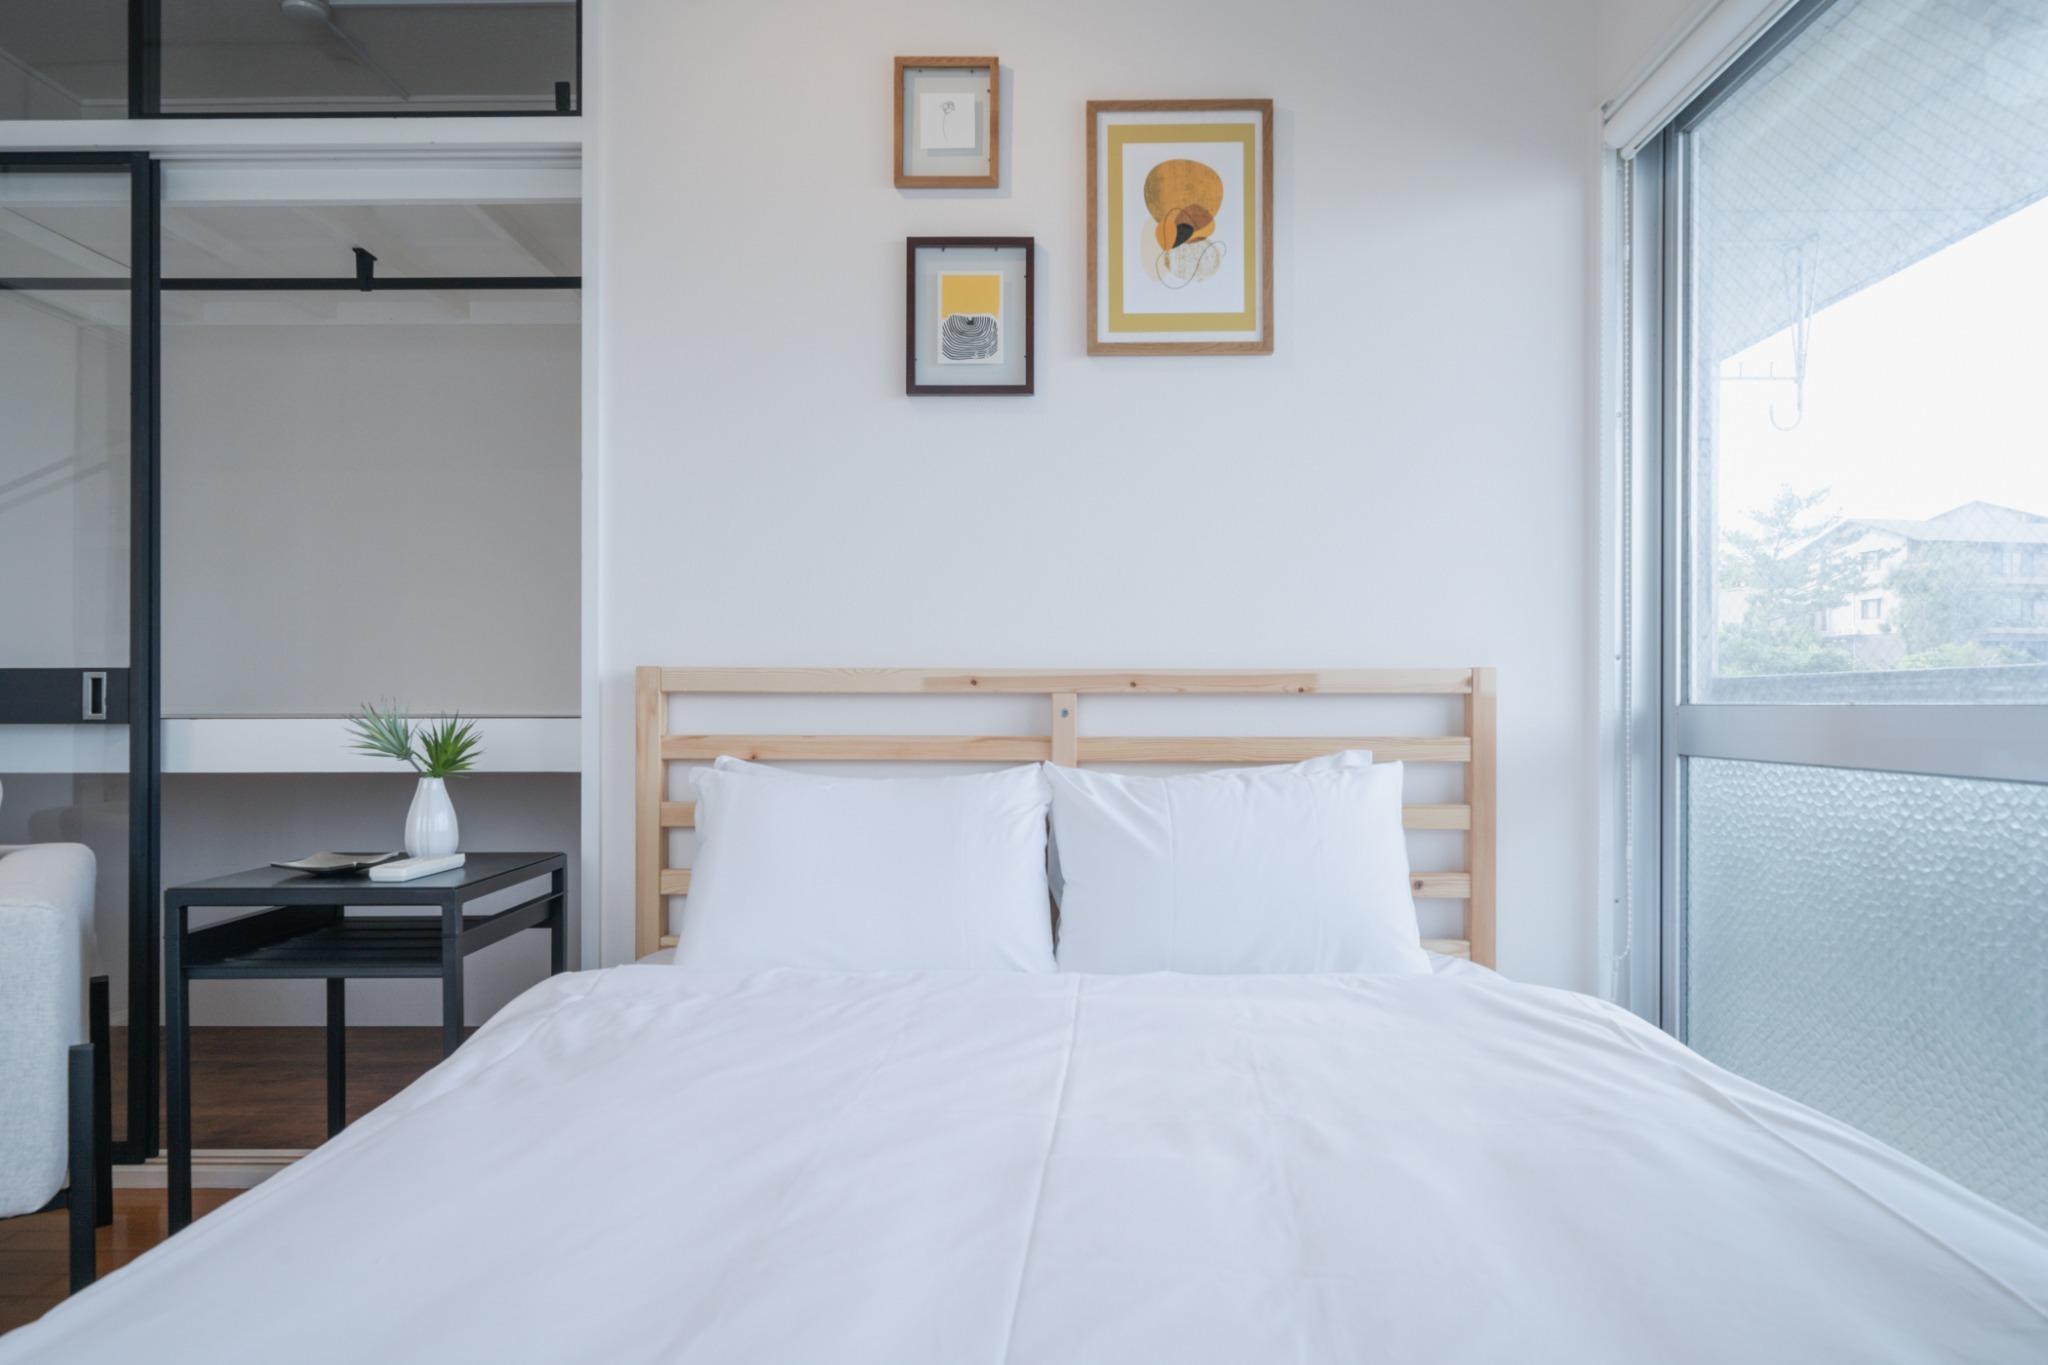 2-302のお部屋写真を使用しております。 ※実際のお部屋は通常のクローゼットとなております。 2-302 room photo is used ※The actual room is a normal closet.